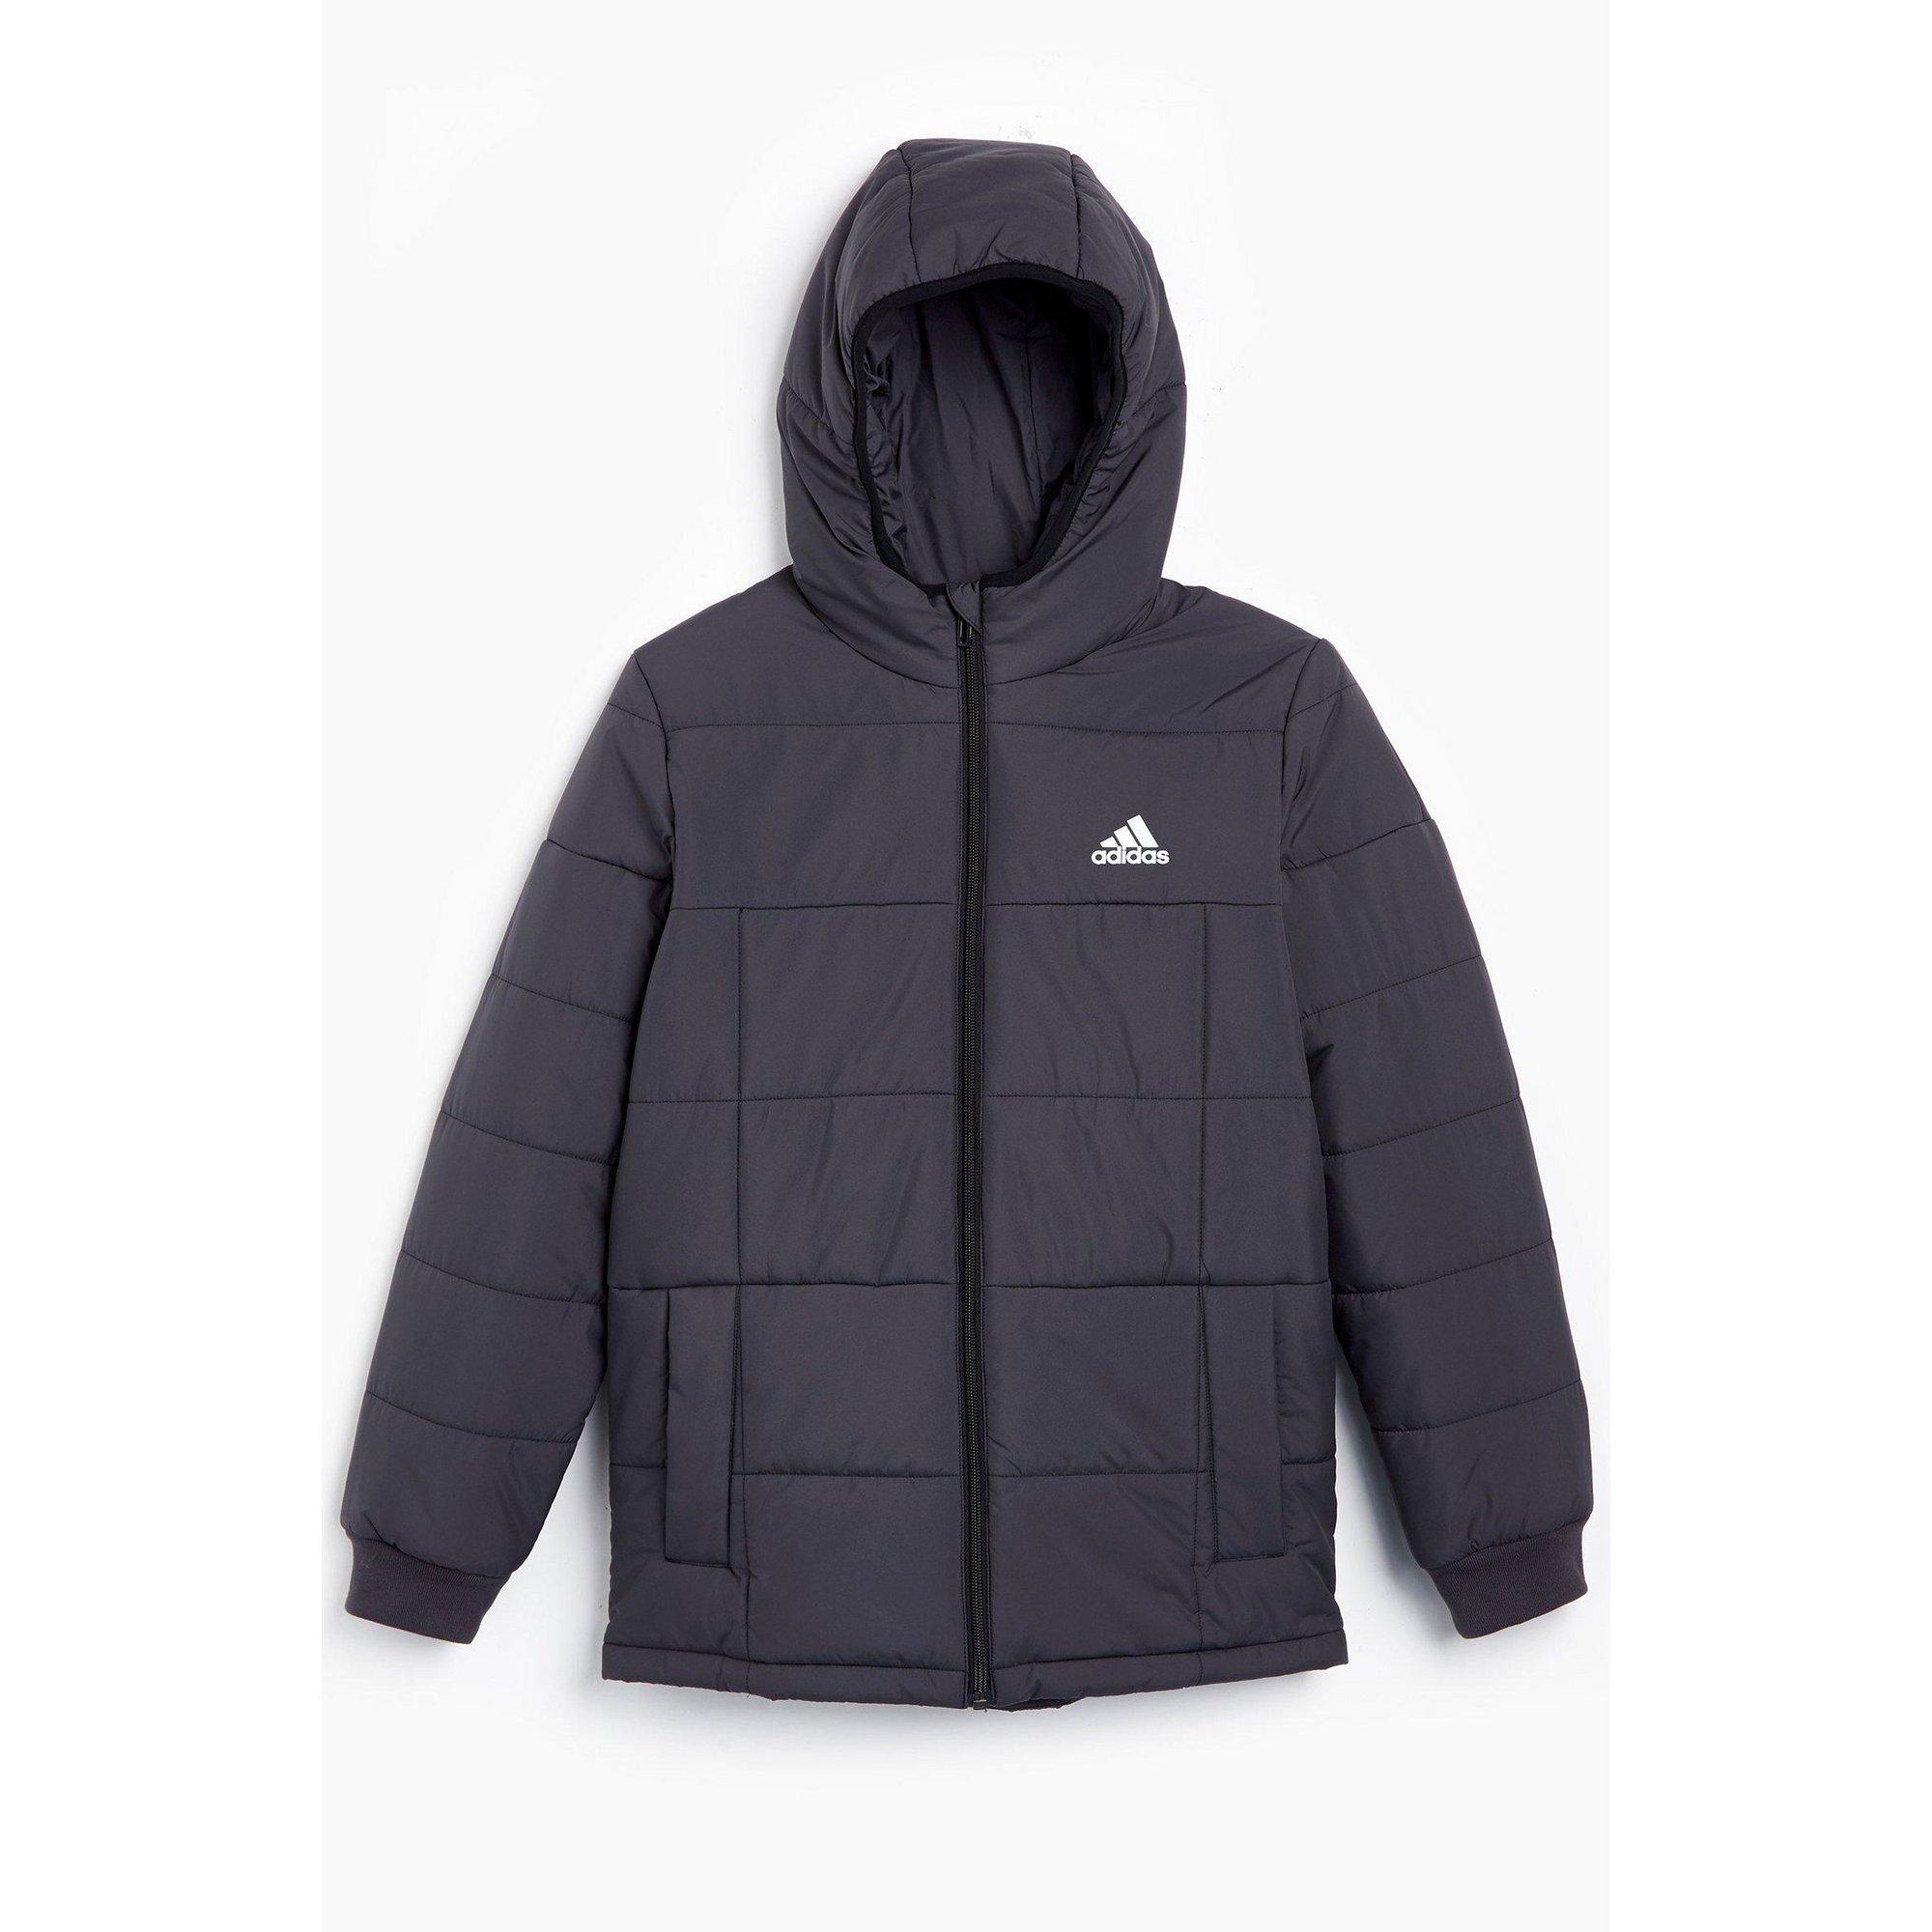 Image of Boys adidas Midweight Padded Black Jacket